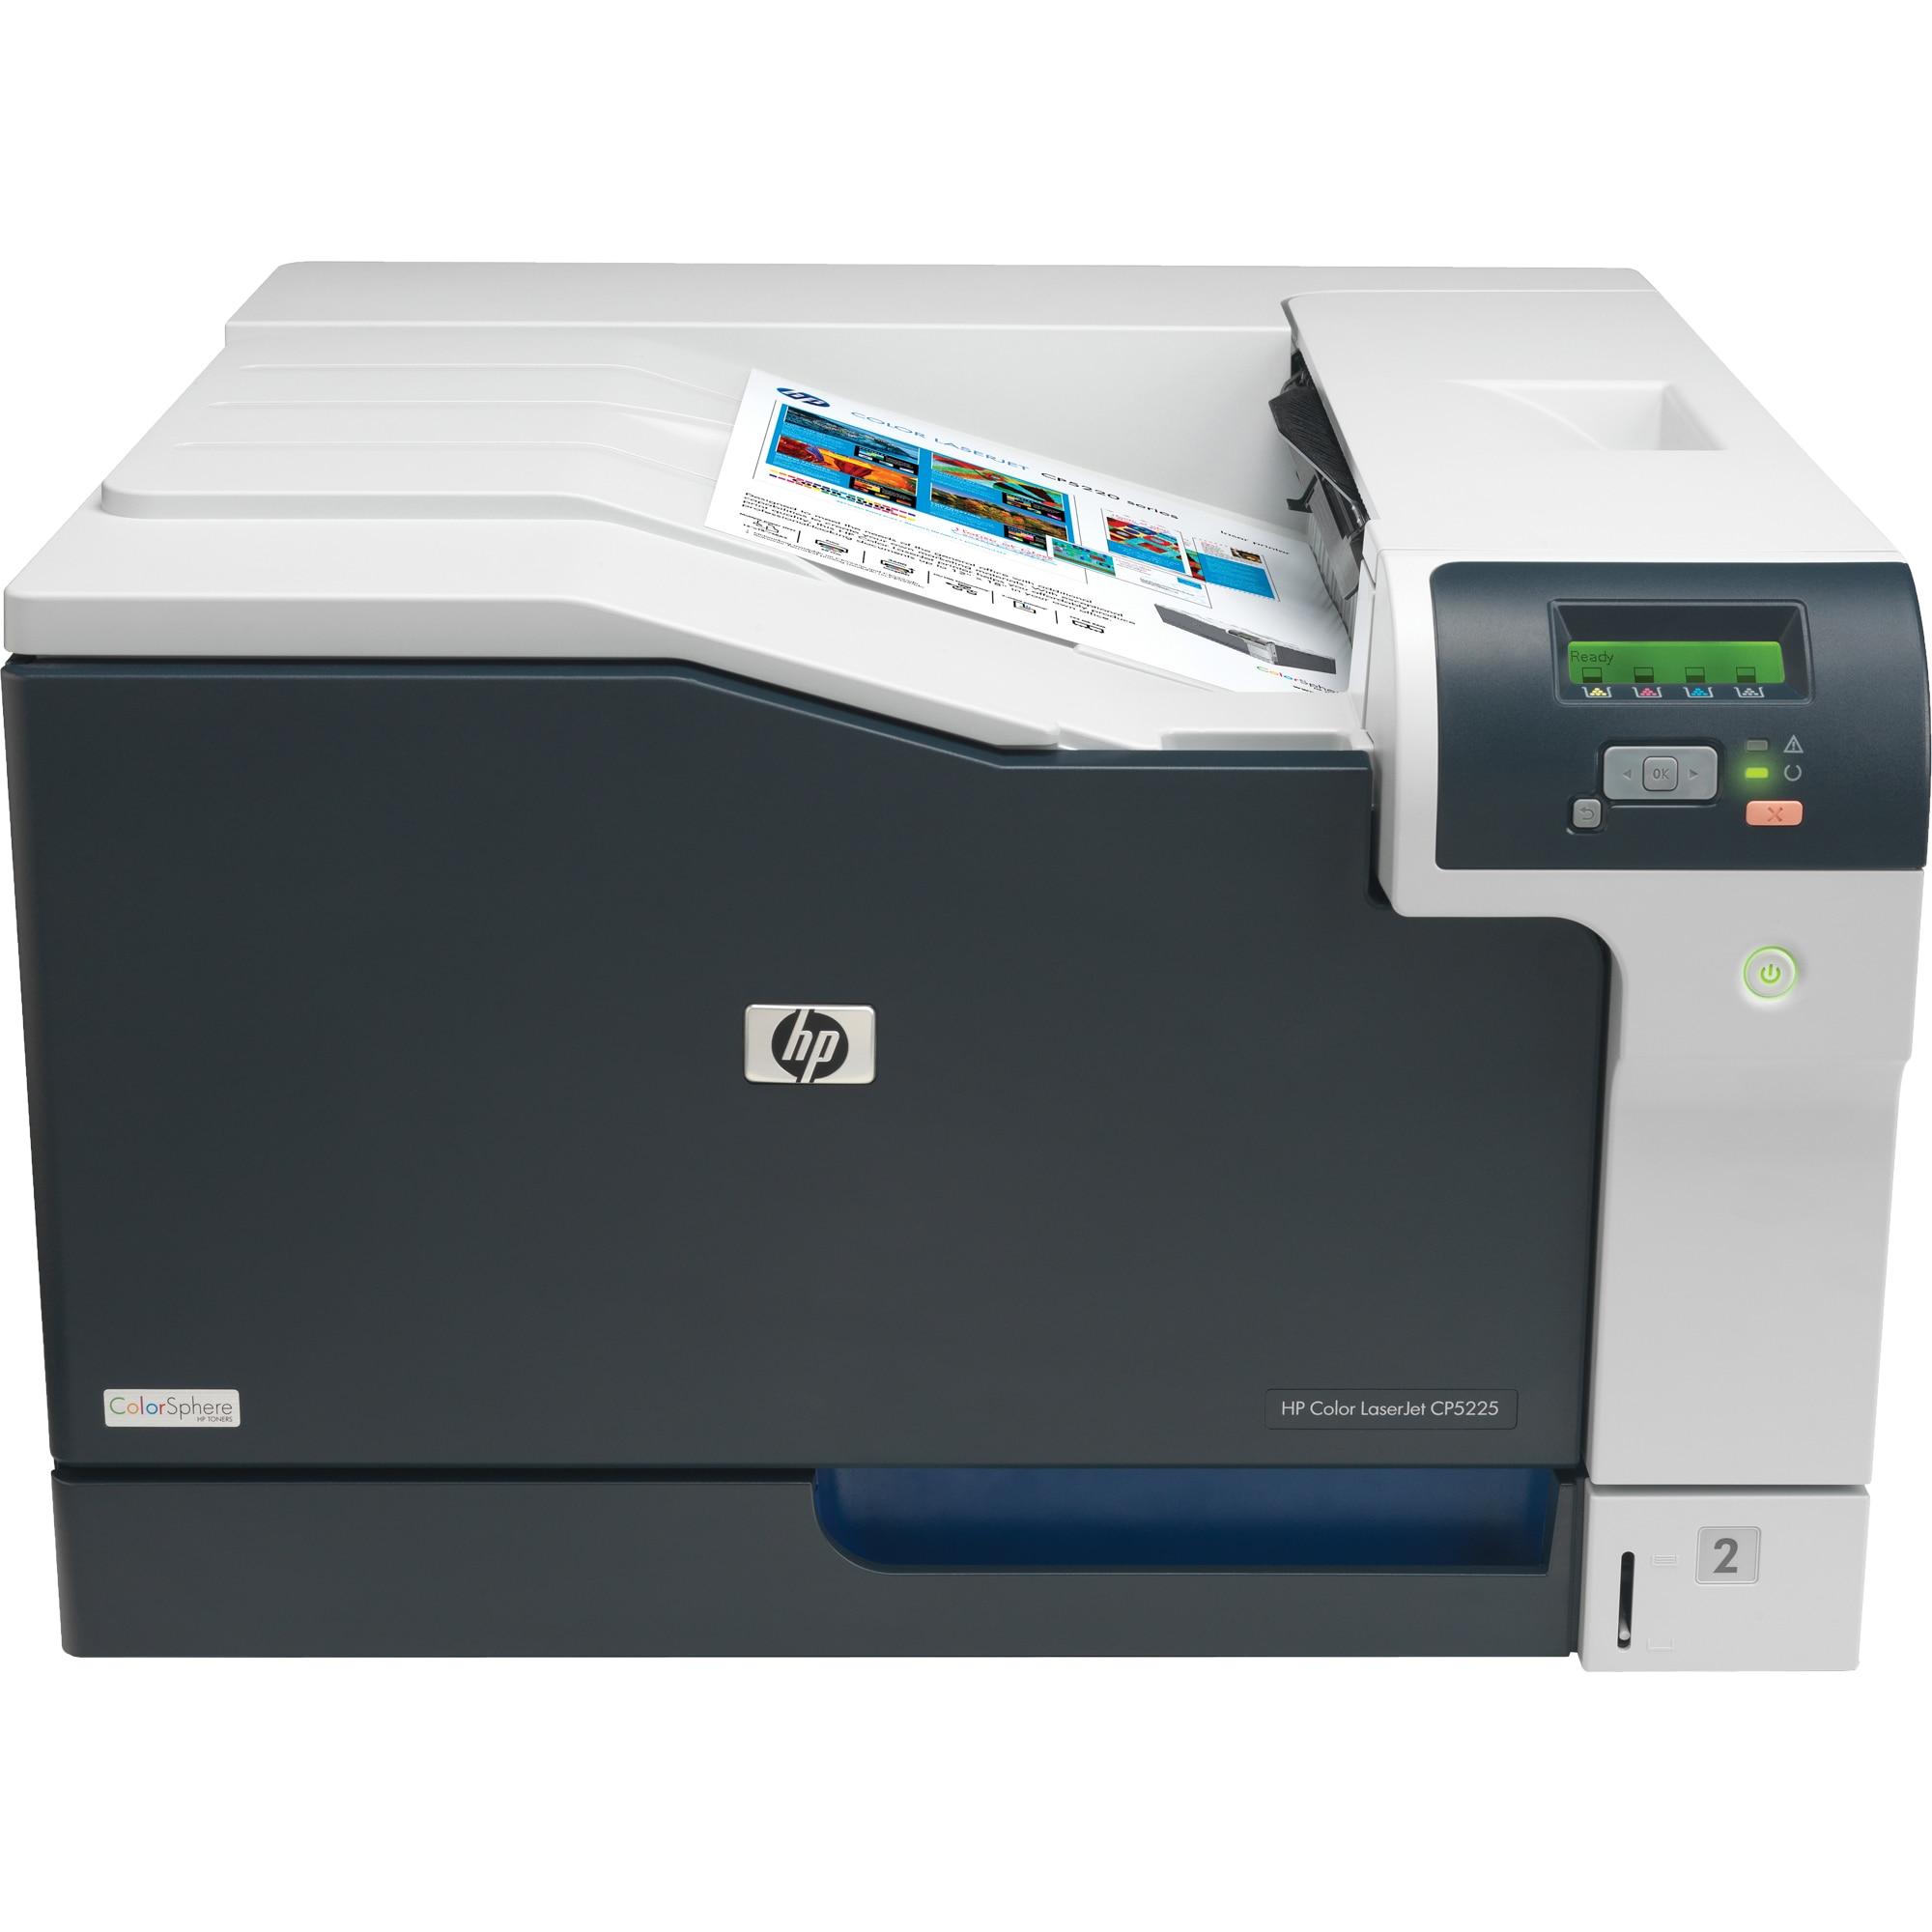 Fotografie Imprimanta laser color HP LaserJet Professional CP5225, A3